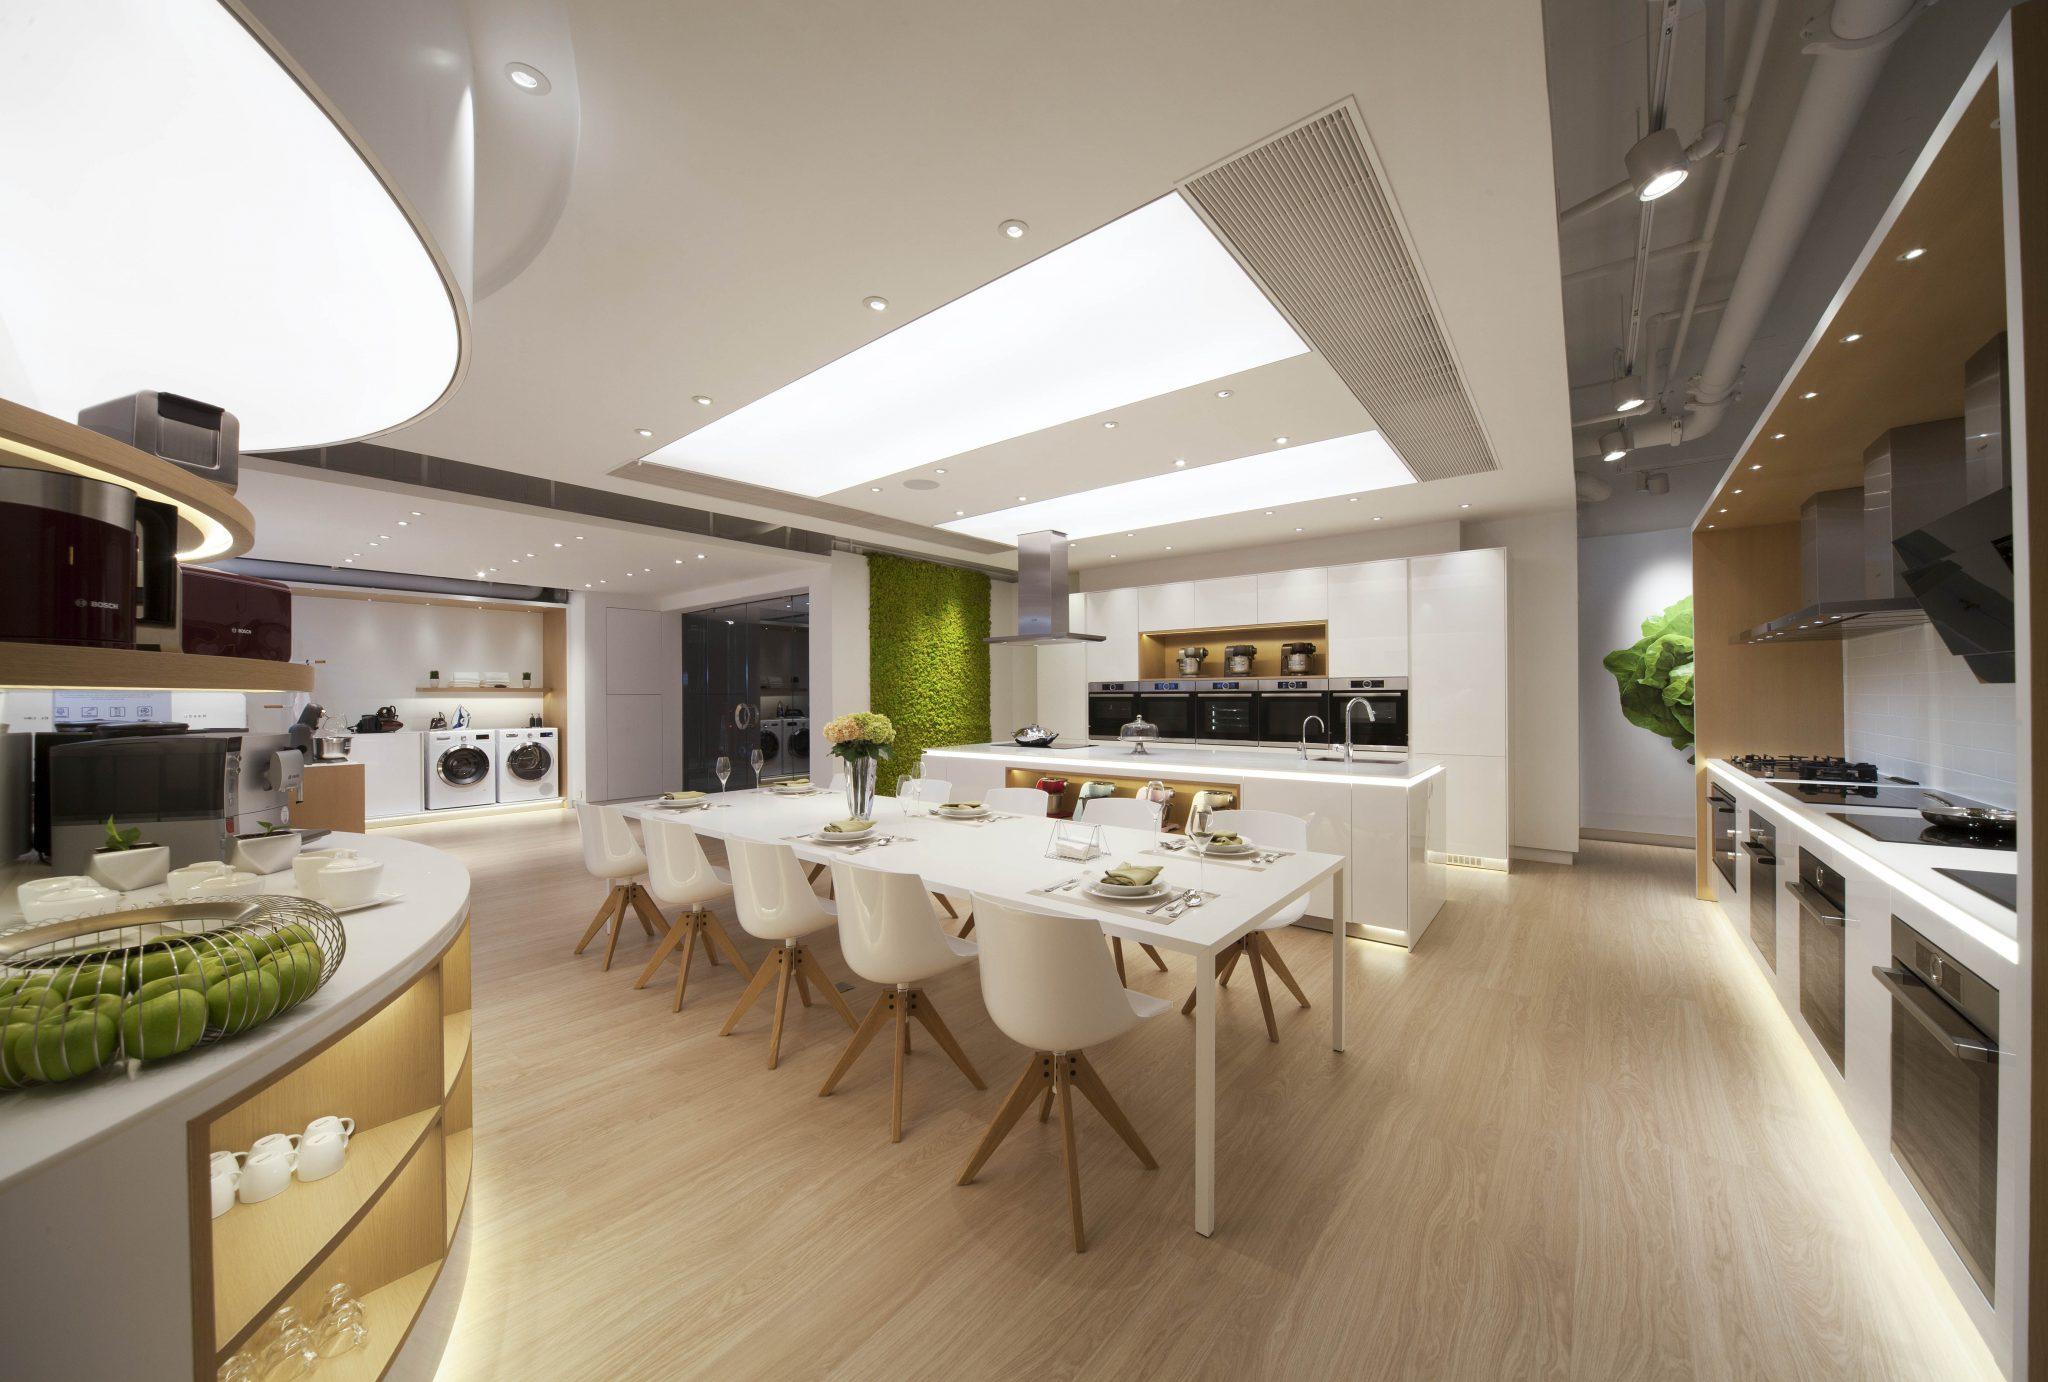 bosch galleria clifton leung design workshop. Black Bedroom Furniture Sets. Home Design Ideas